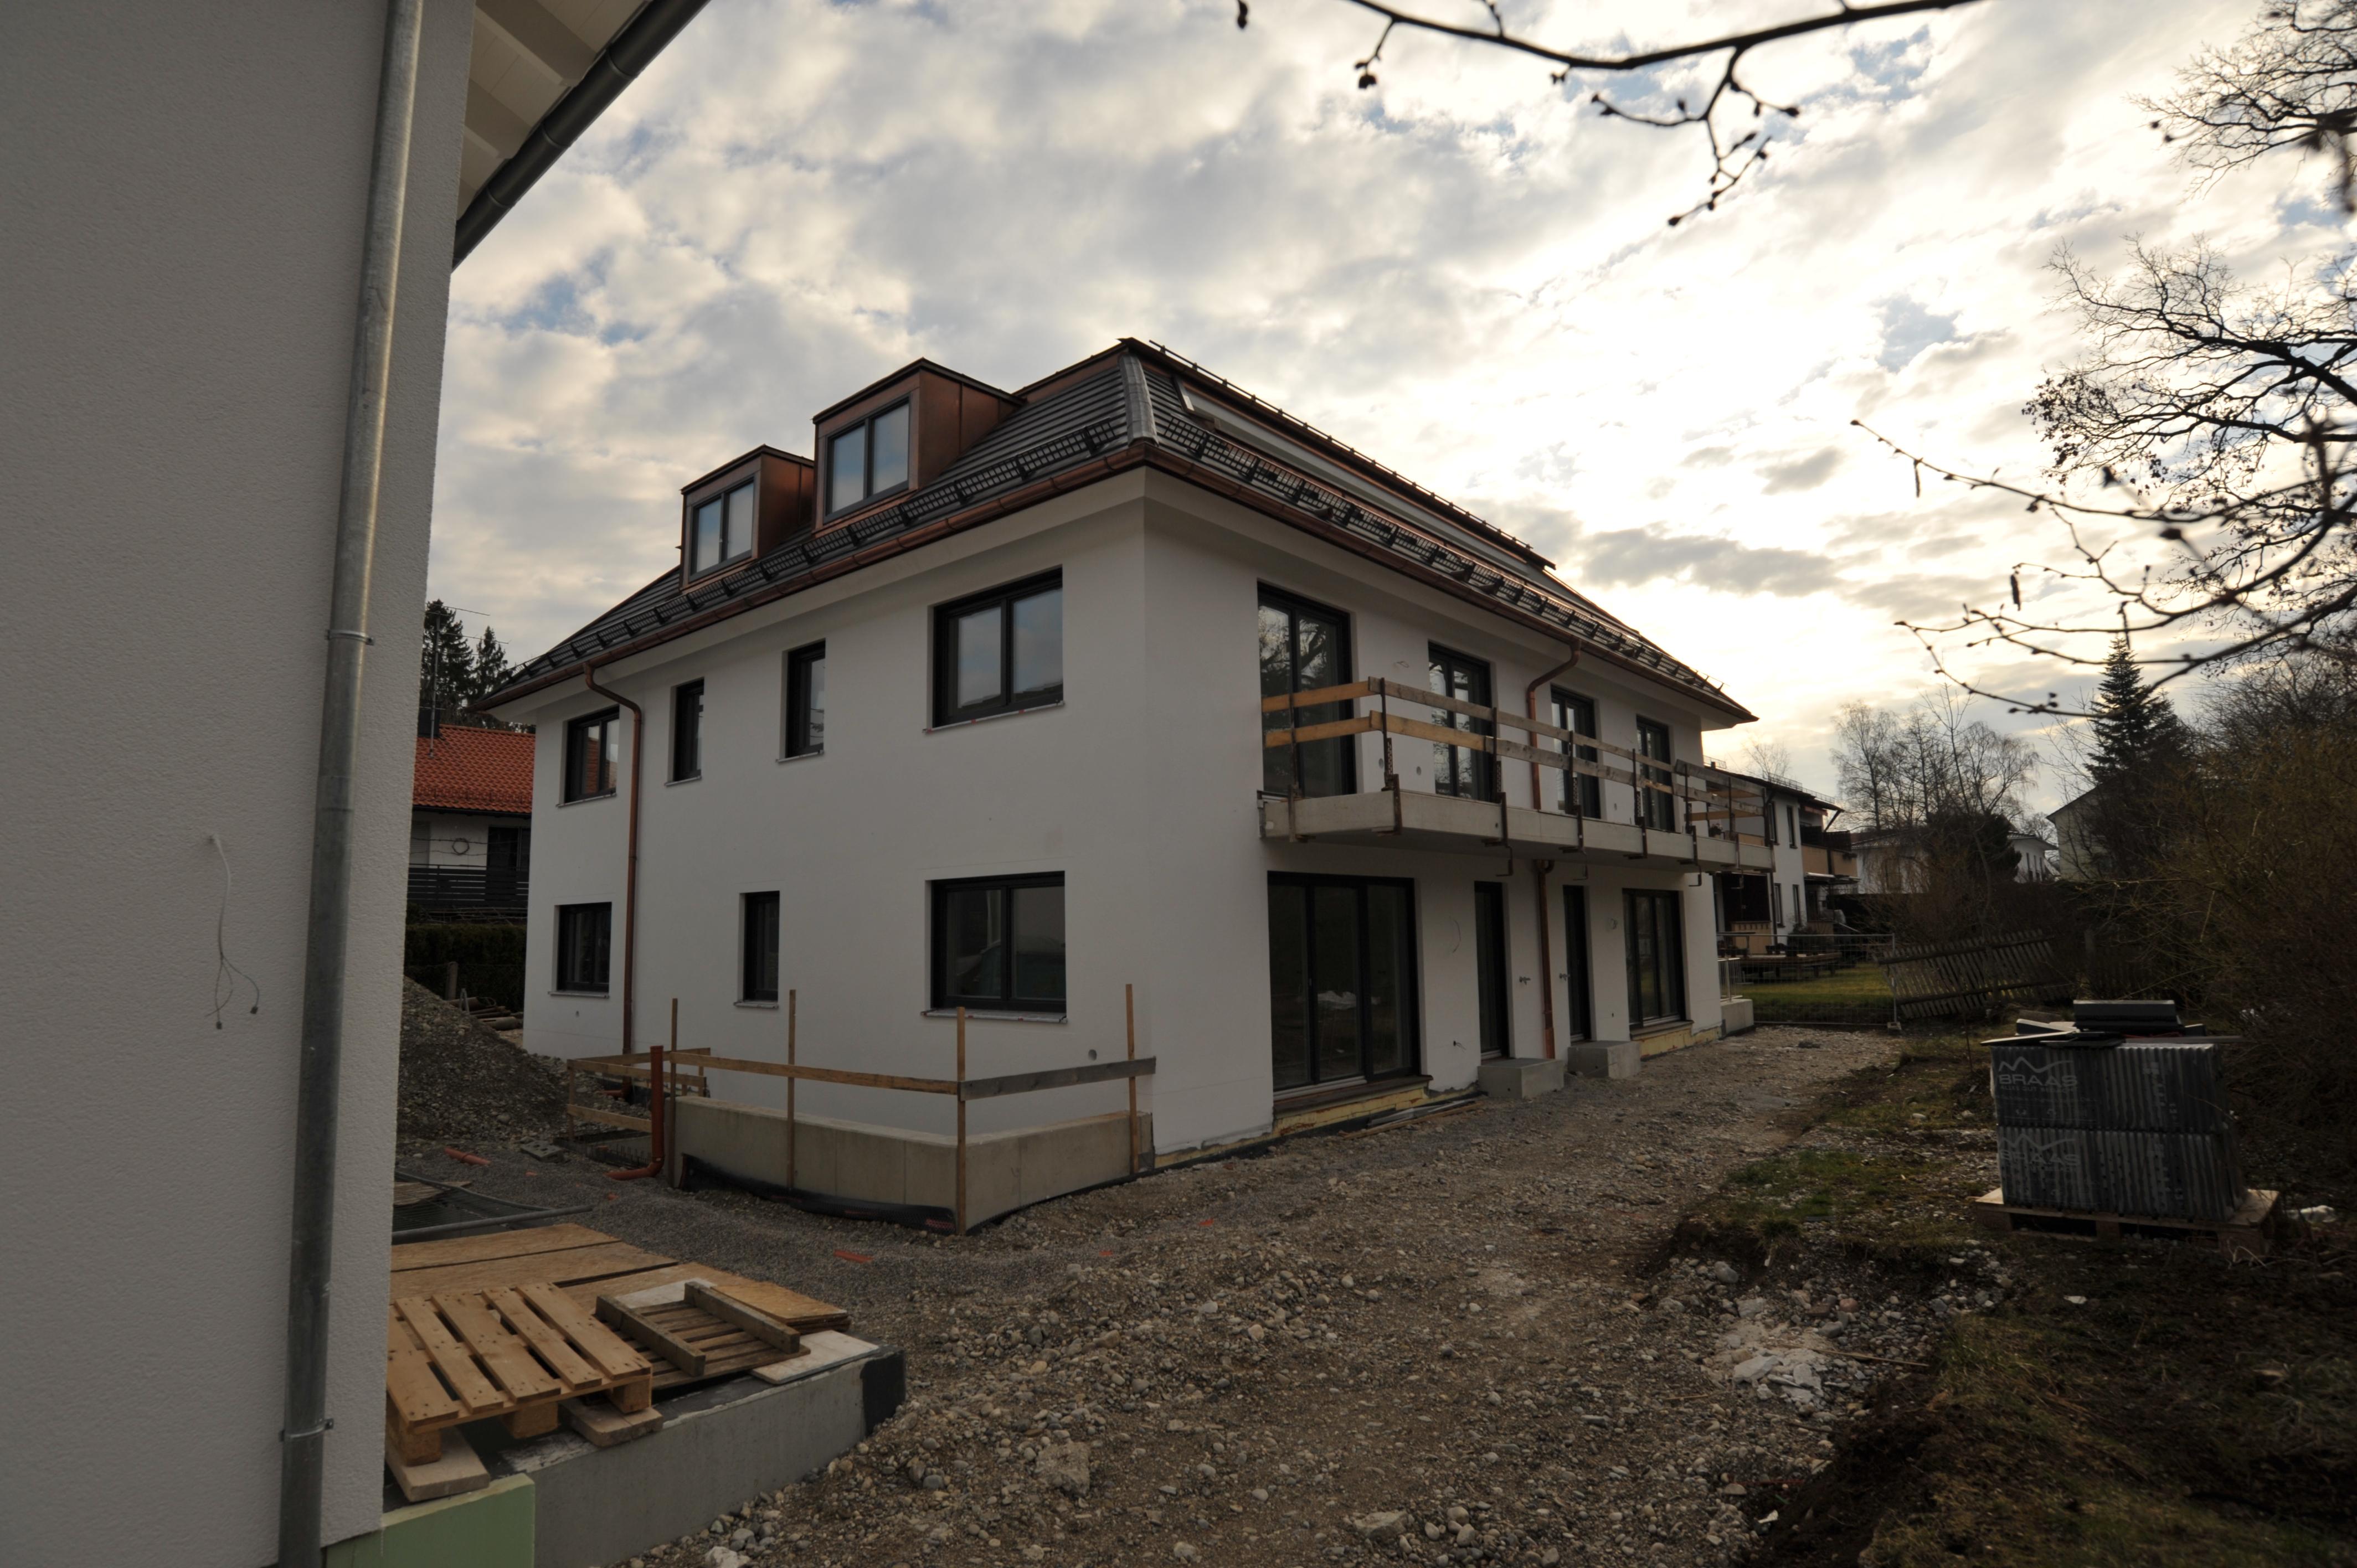 Baufirmen München projekte neubau sanierung modernisierung in münchen bayern